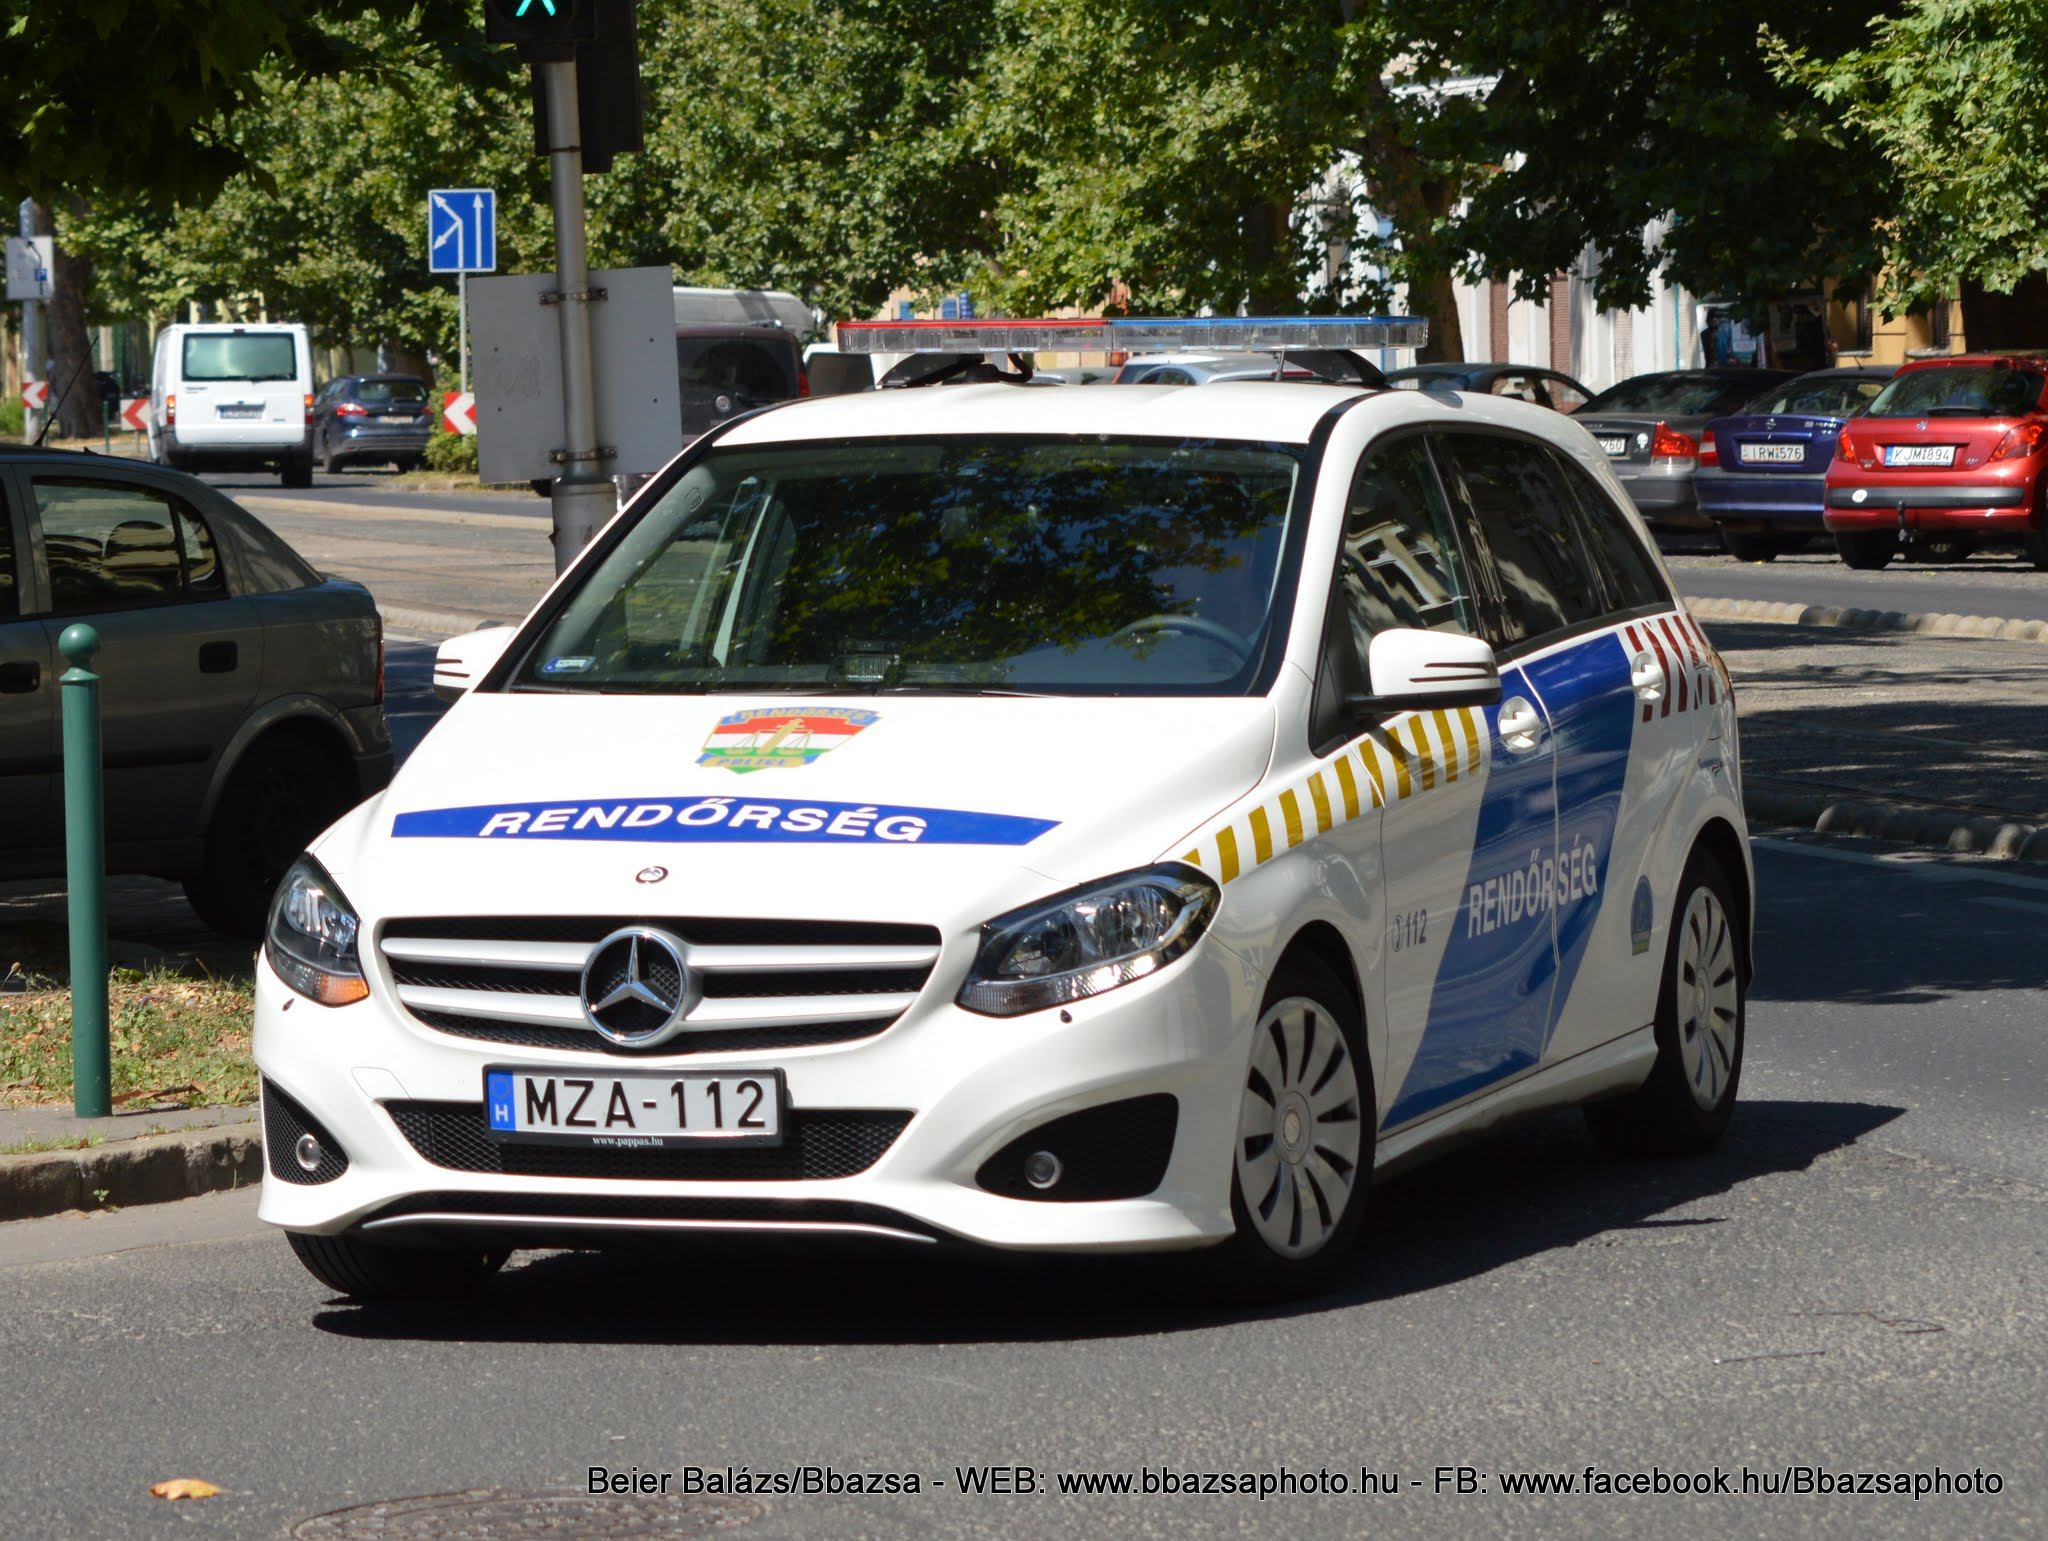 Mercedes-Benz B220 CDI 4Matic – MZA.112 proba